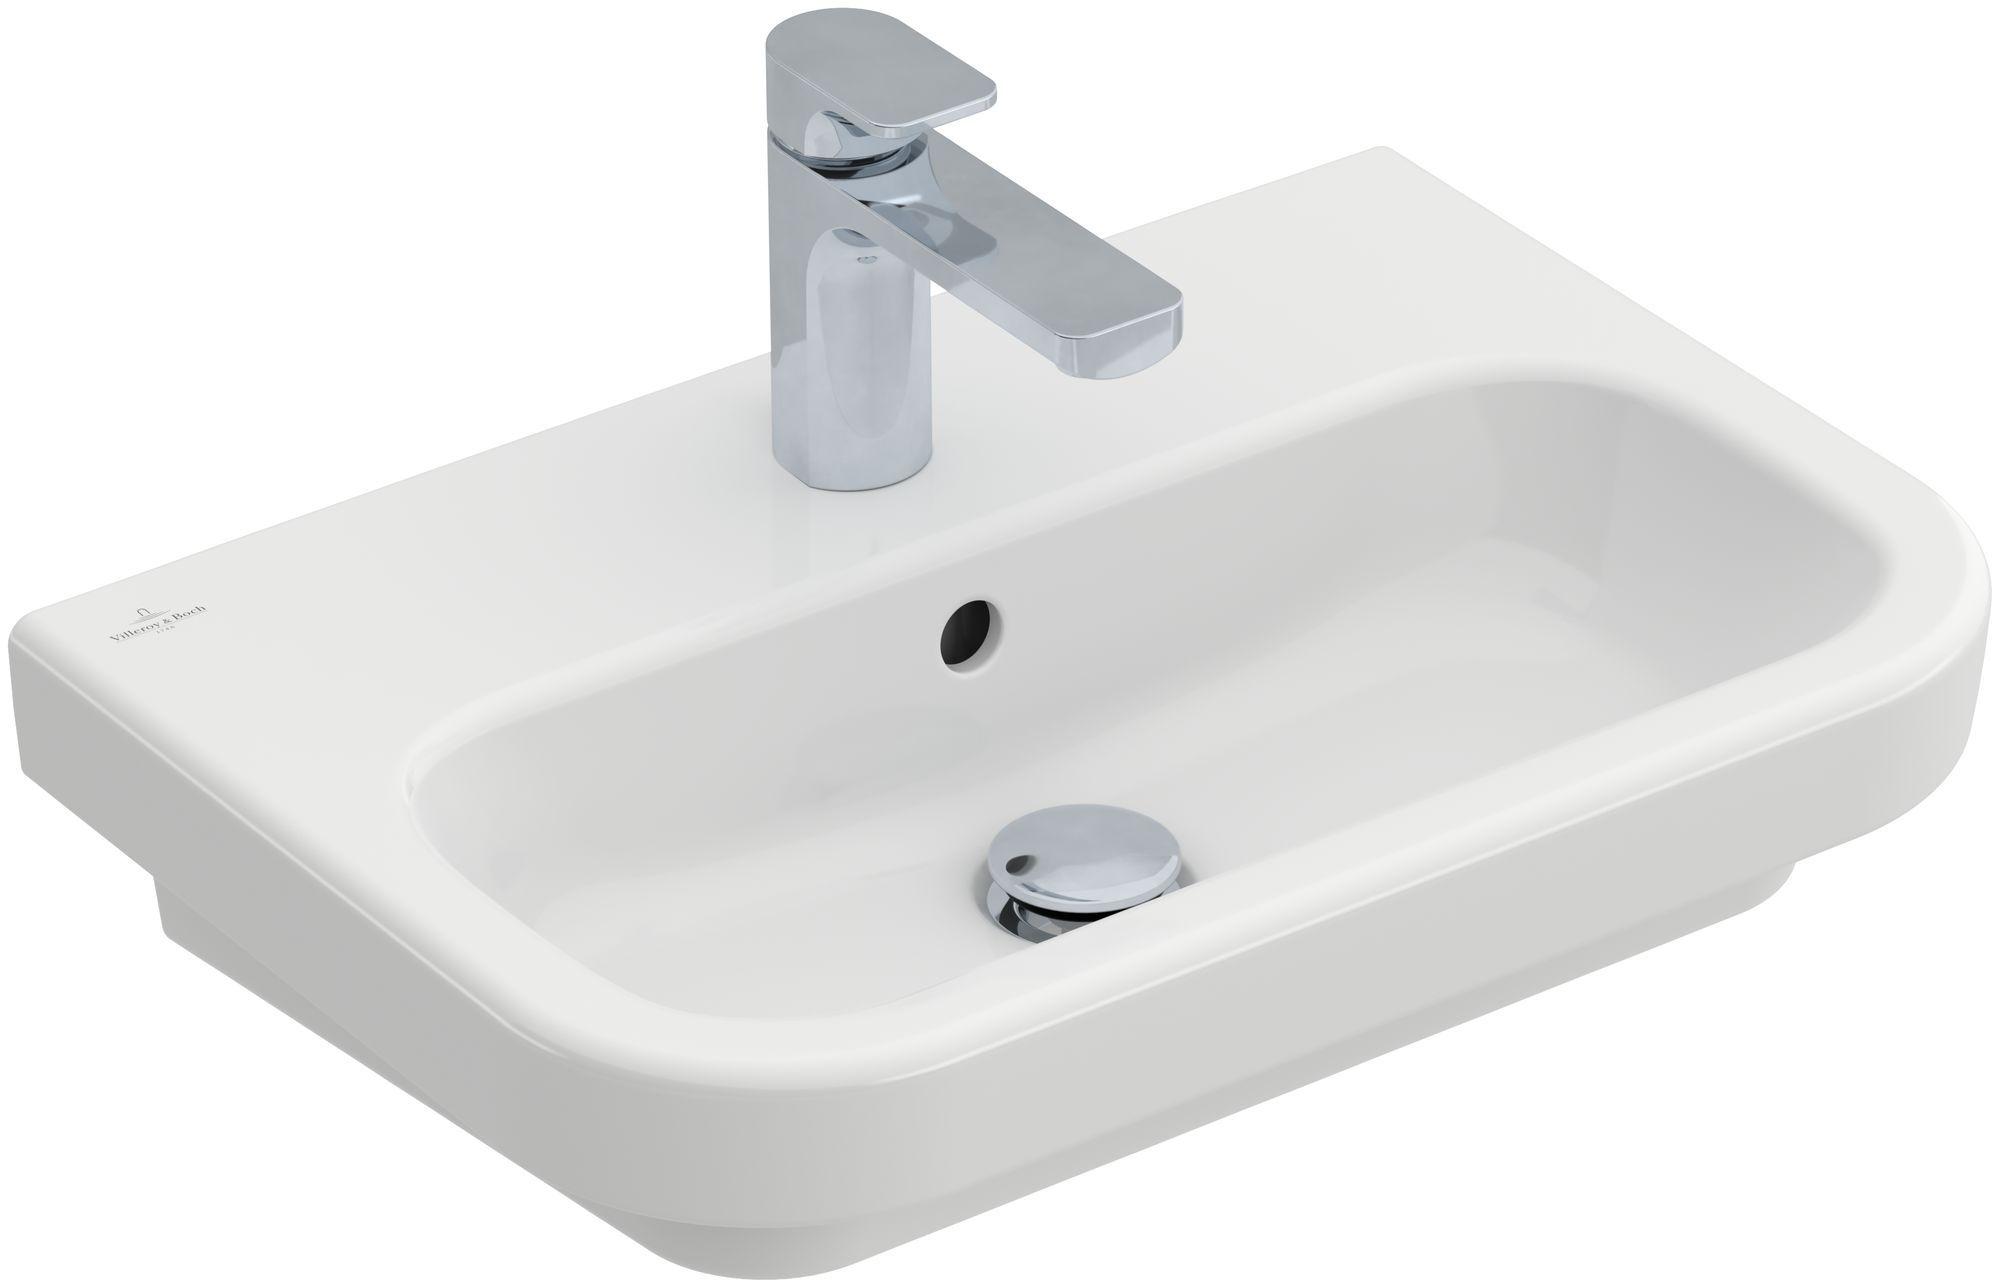 Villeroy & Boch Architectura Compact Waschtisch B:55xT:38cm mit 1 Hahnloch mit Überlauf weiß mit CeramicPlus 418955R1